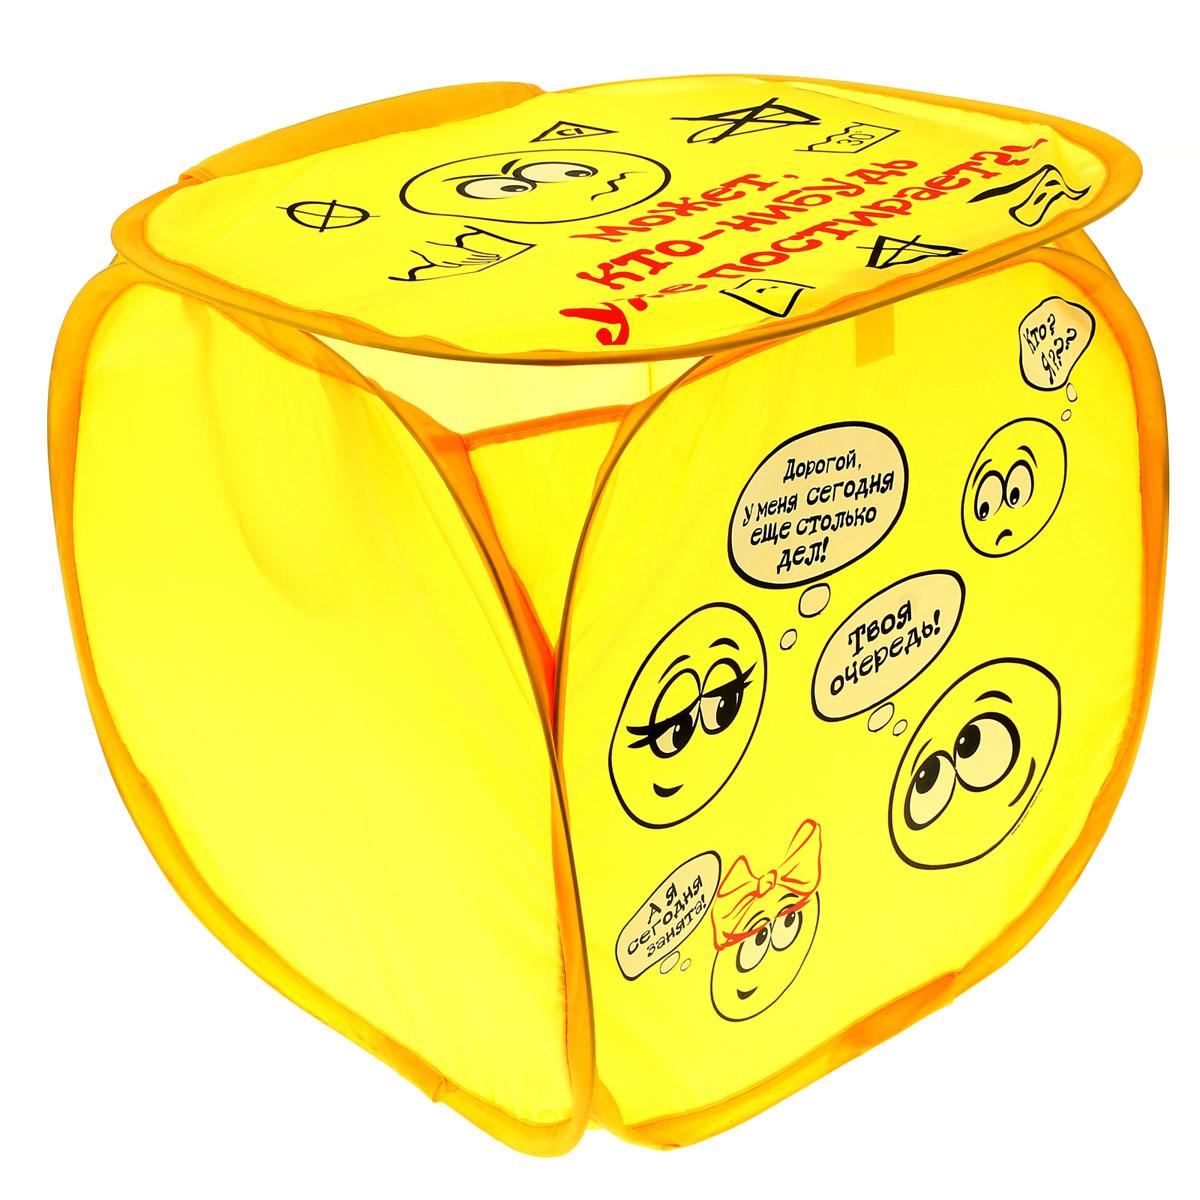 Корзина для белья Sima-land Может кто-нибудь постирает?, цвет: желтый, 35 х 35 см 35 см634808Корзина для белья Sima-land Может кто-нибудь постирает? изготовлена из текстиля. Материал легкий, обеспечивает вентиляцию белья. Удобная, практичная и оригинальная корзина для белья декорирована изображением забавных комиксов и предназначена для сбора и хранения вещей перед стиркой. Вместительная корзина выполнена в форме куба. Сверху имеются ручки для переноски и крышка. Корзина для белья Sima-land Может кто-нибудь постирает? станет оригинальным украшением интерьера ванной комнаты.